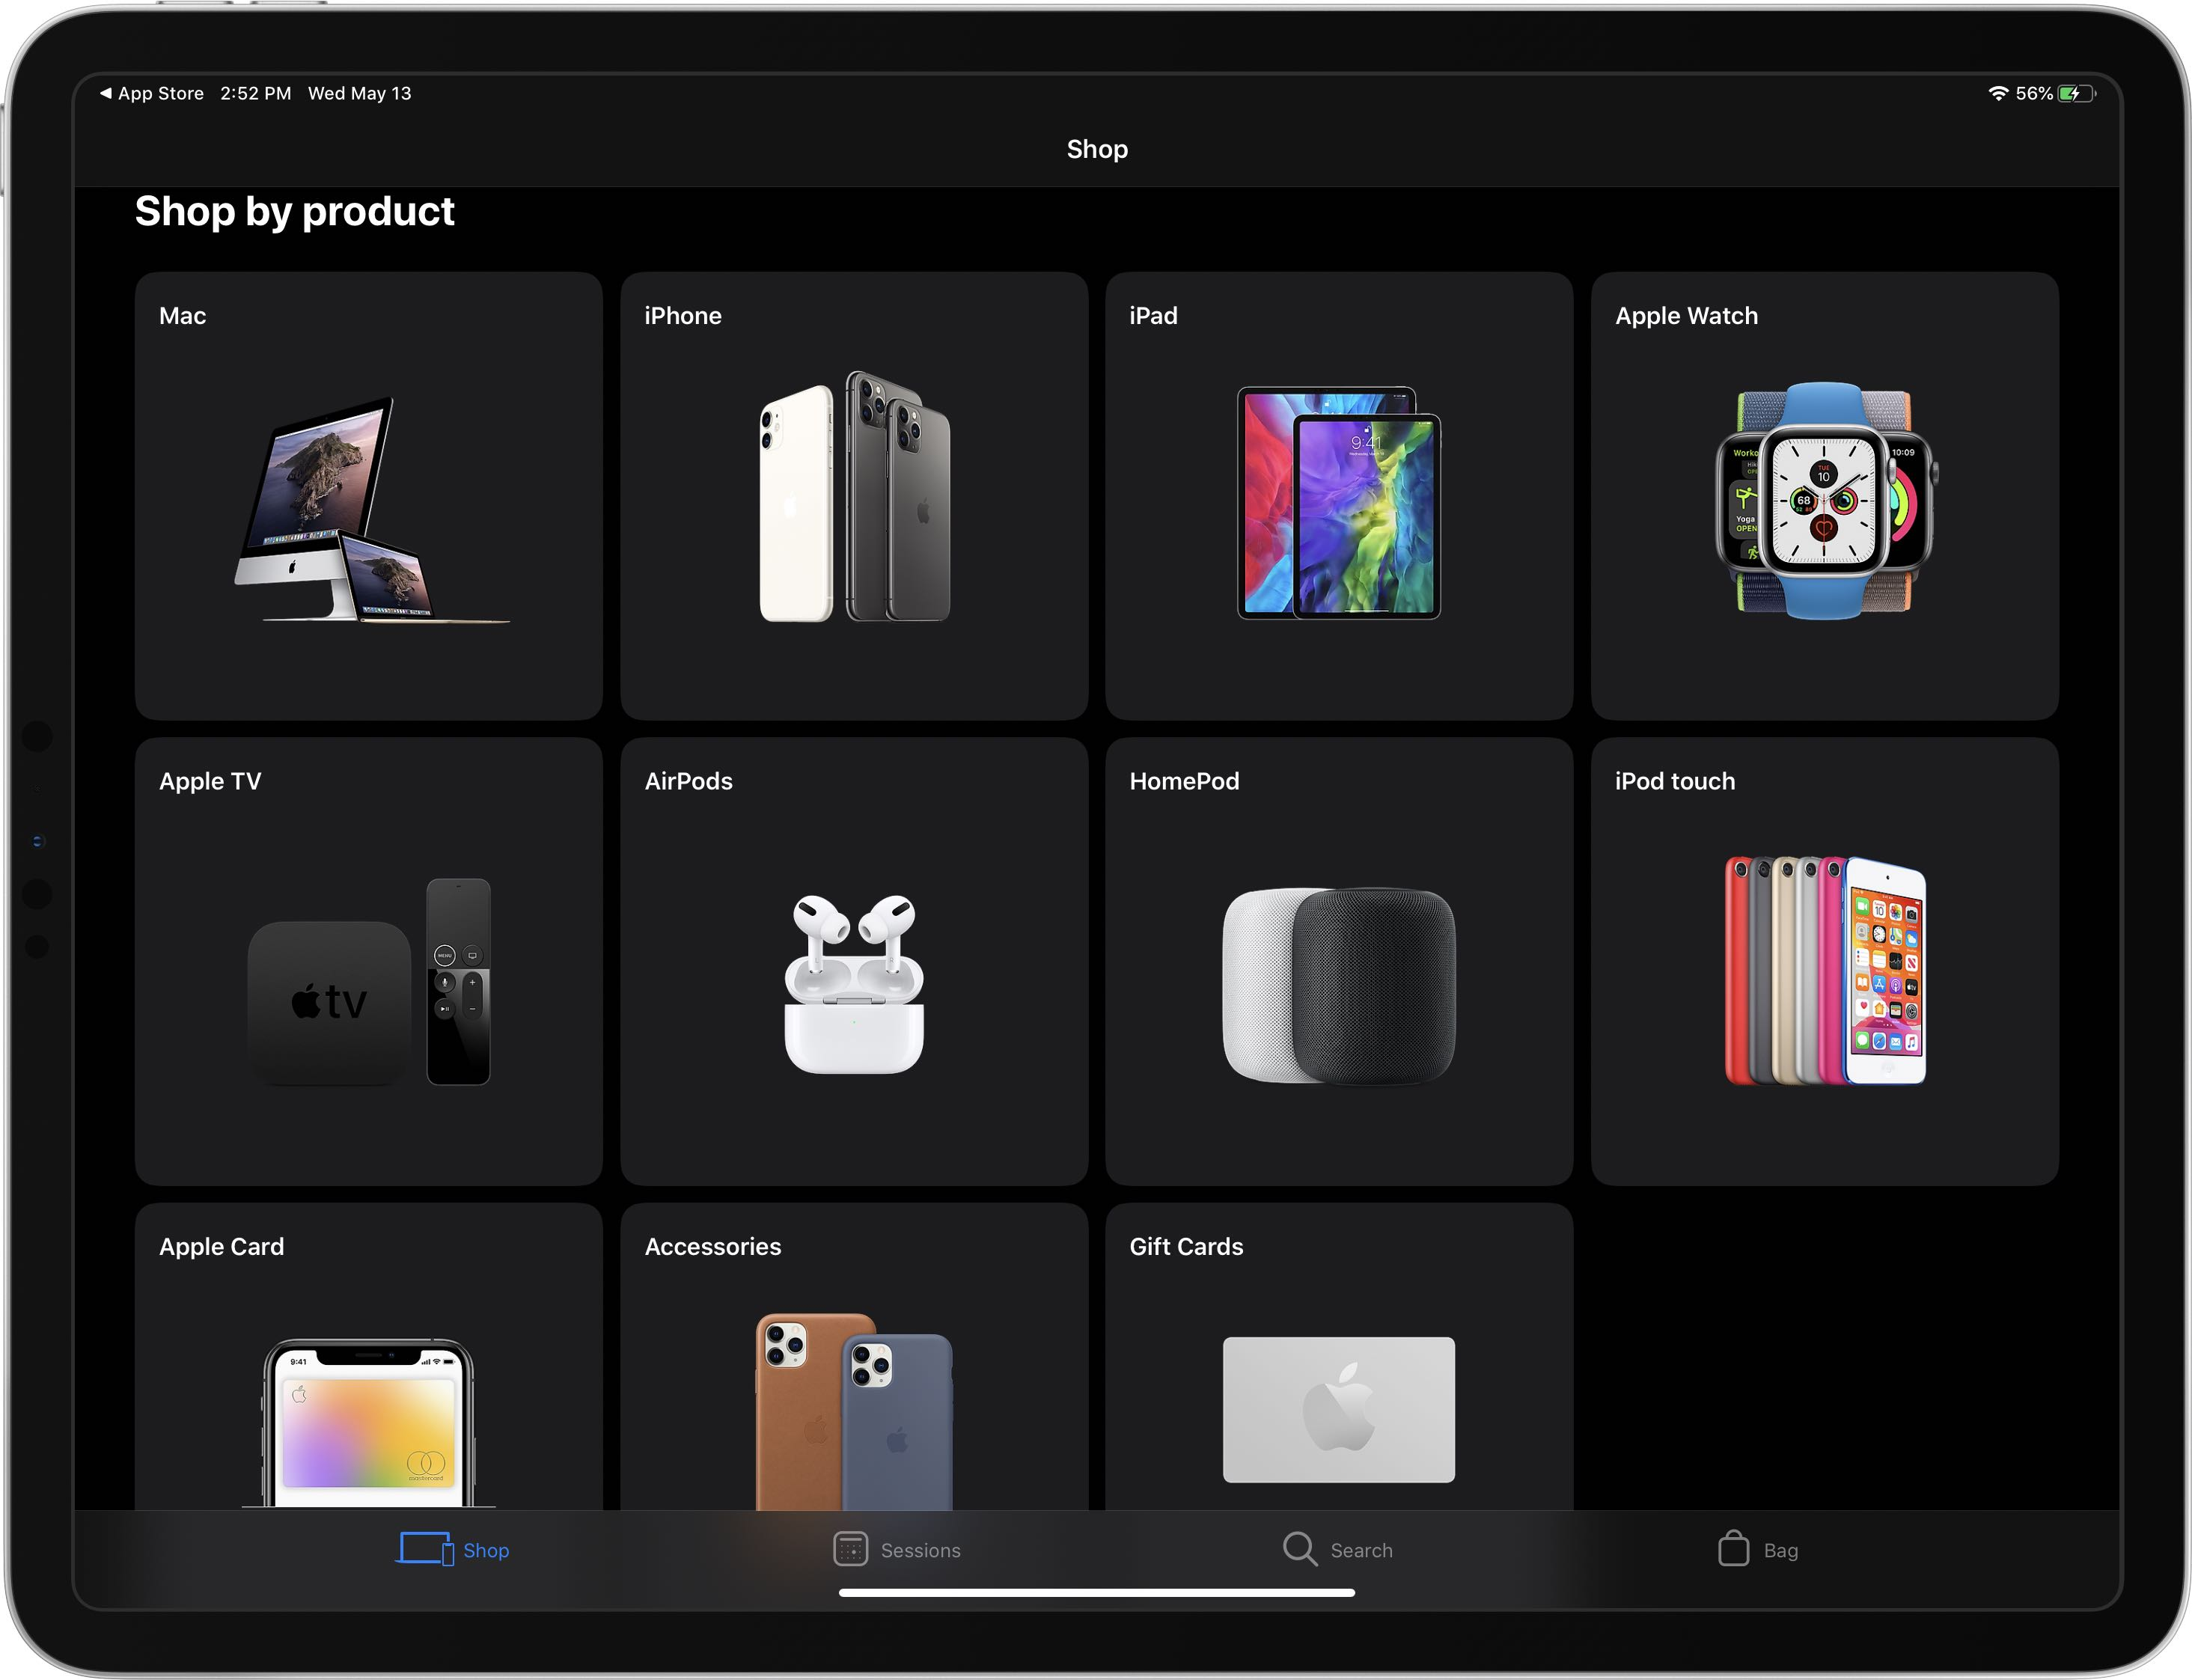 Virallinen Apple Store-sovellus on saanut tumman tilan tukea 1